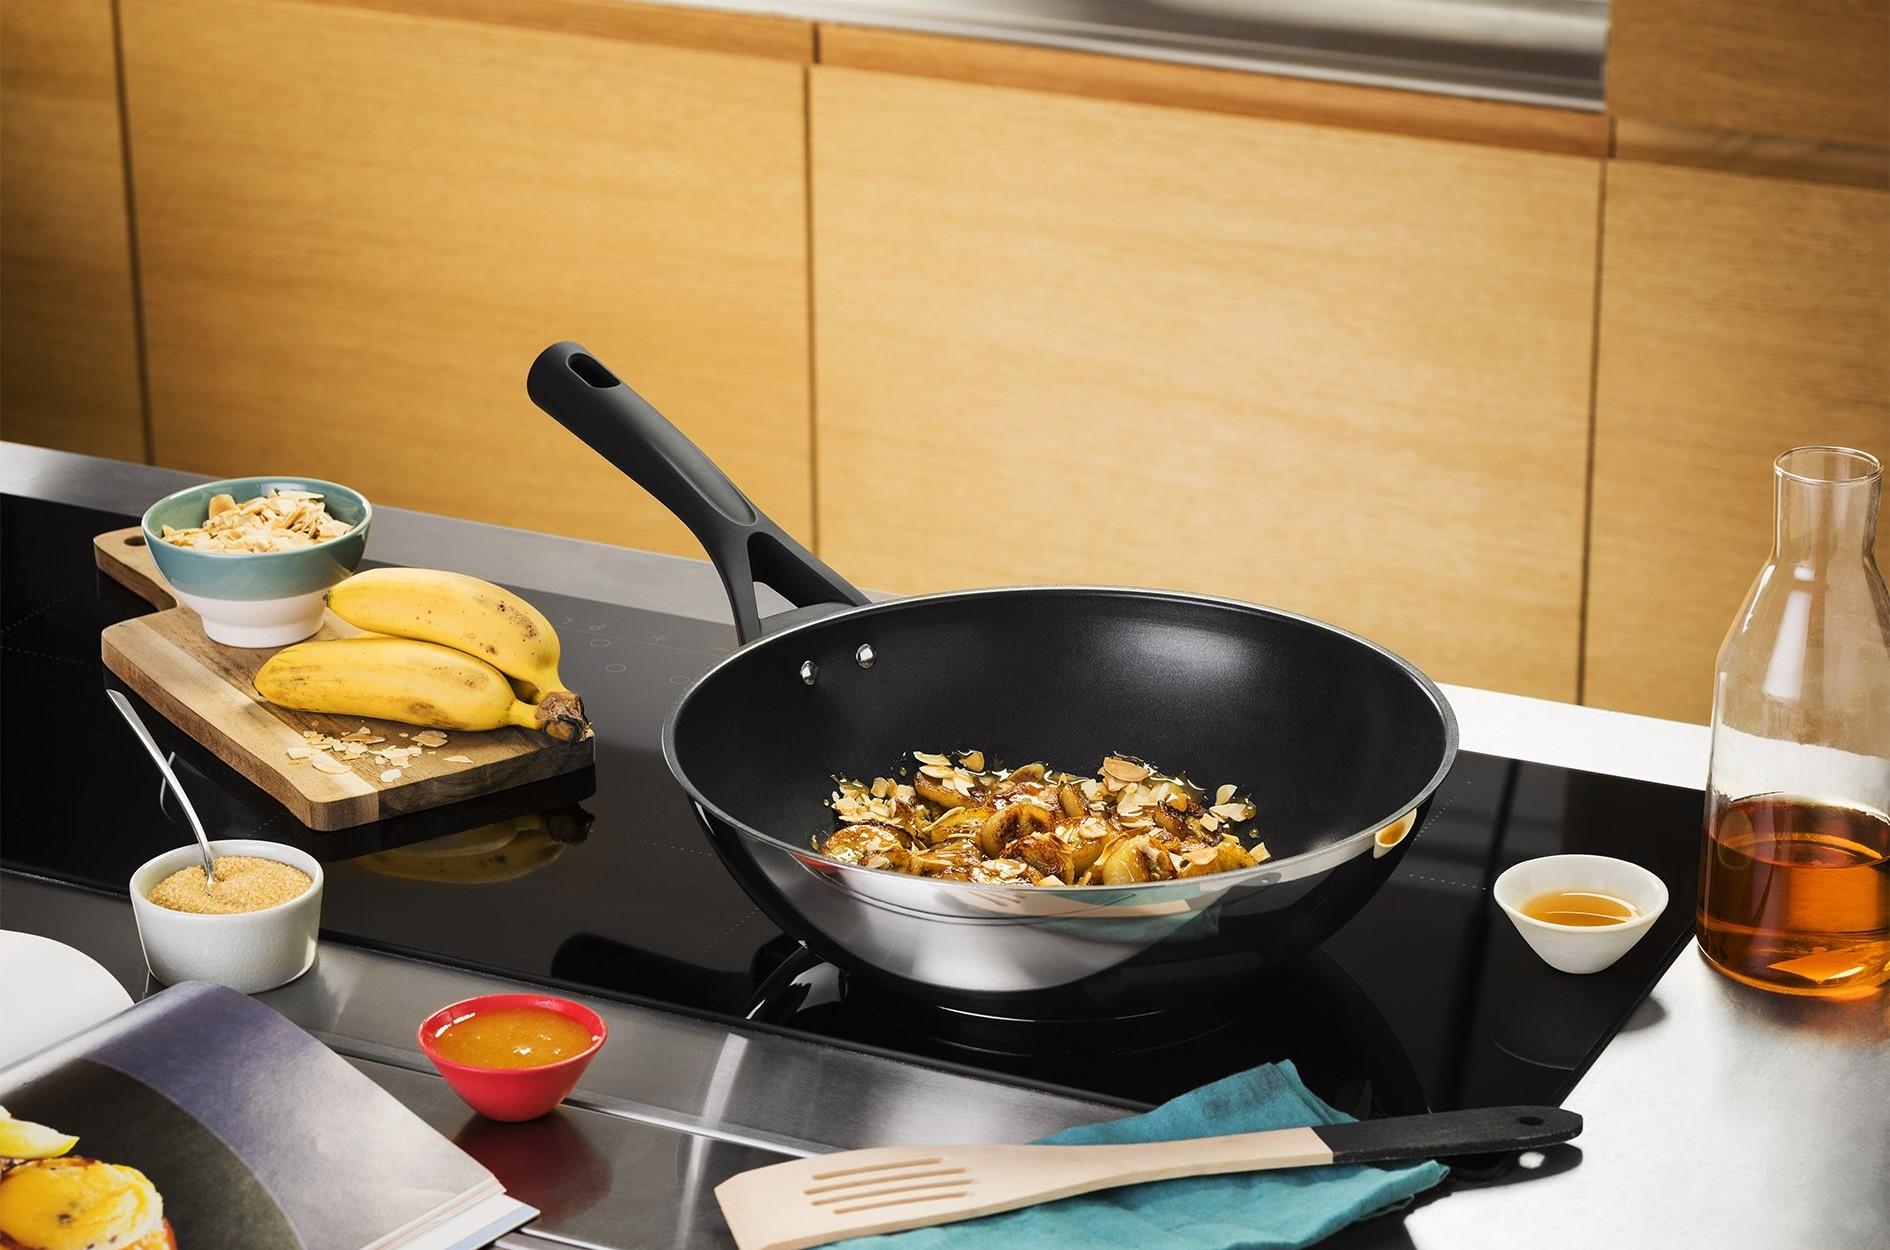 Сковорода Вок с едой на плите